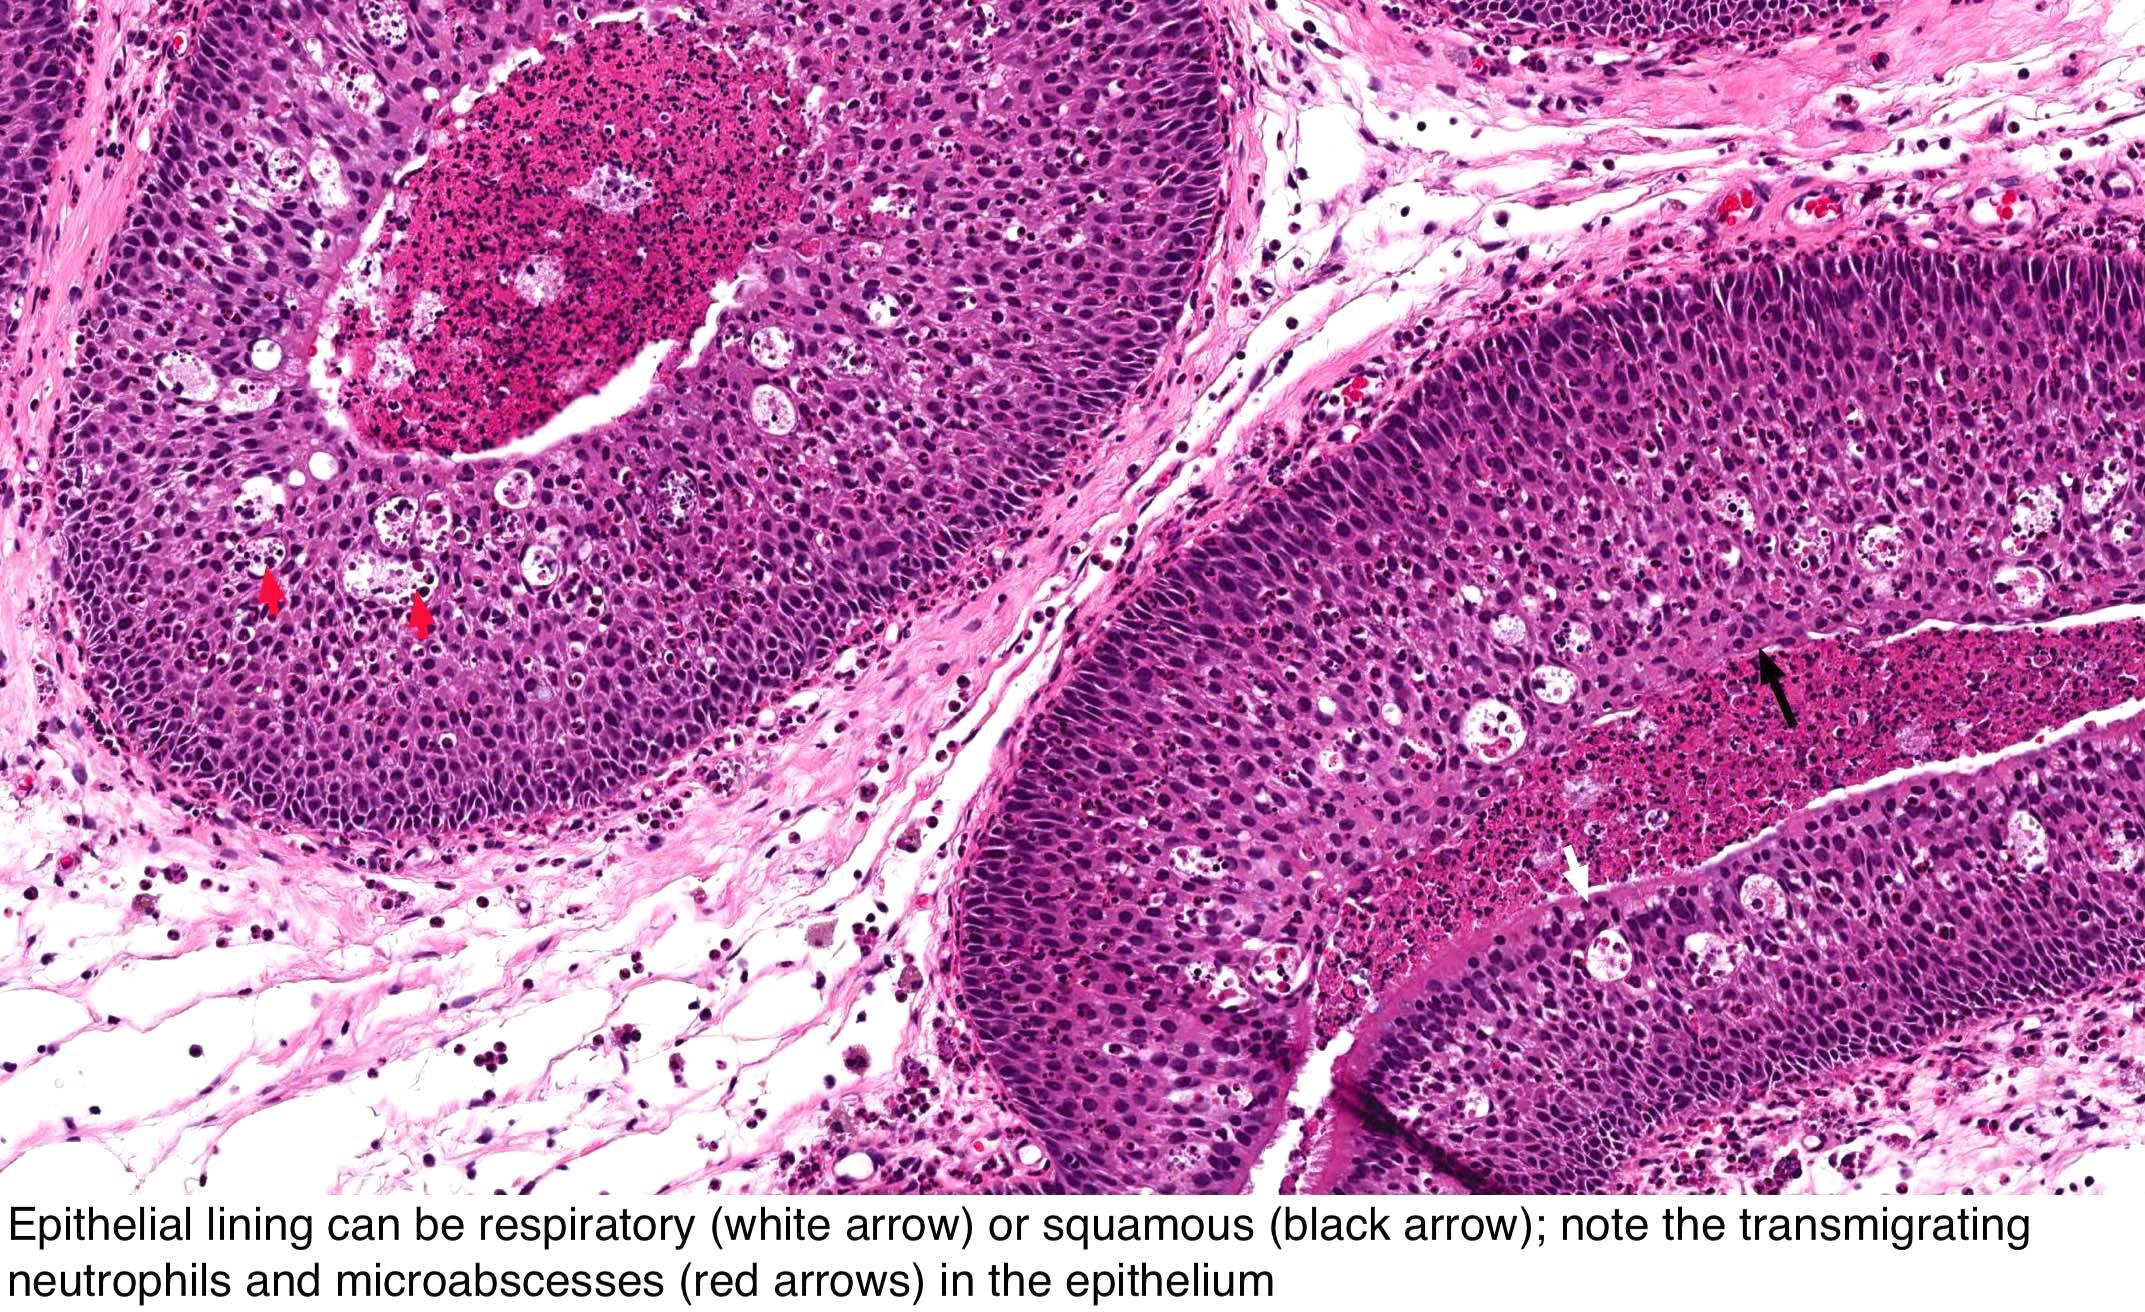 Klinikai vizsgálatok a Fej- és nyaki daganatok - Klinikai vizsgálatok nyilvántartása - ICH GCP